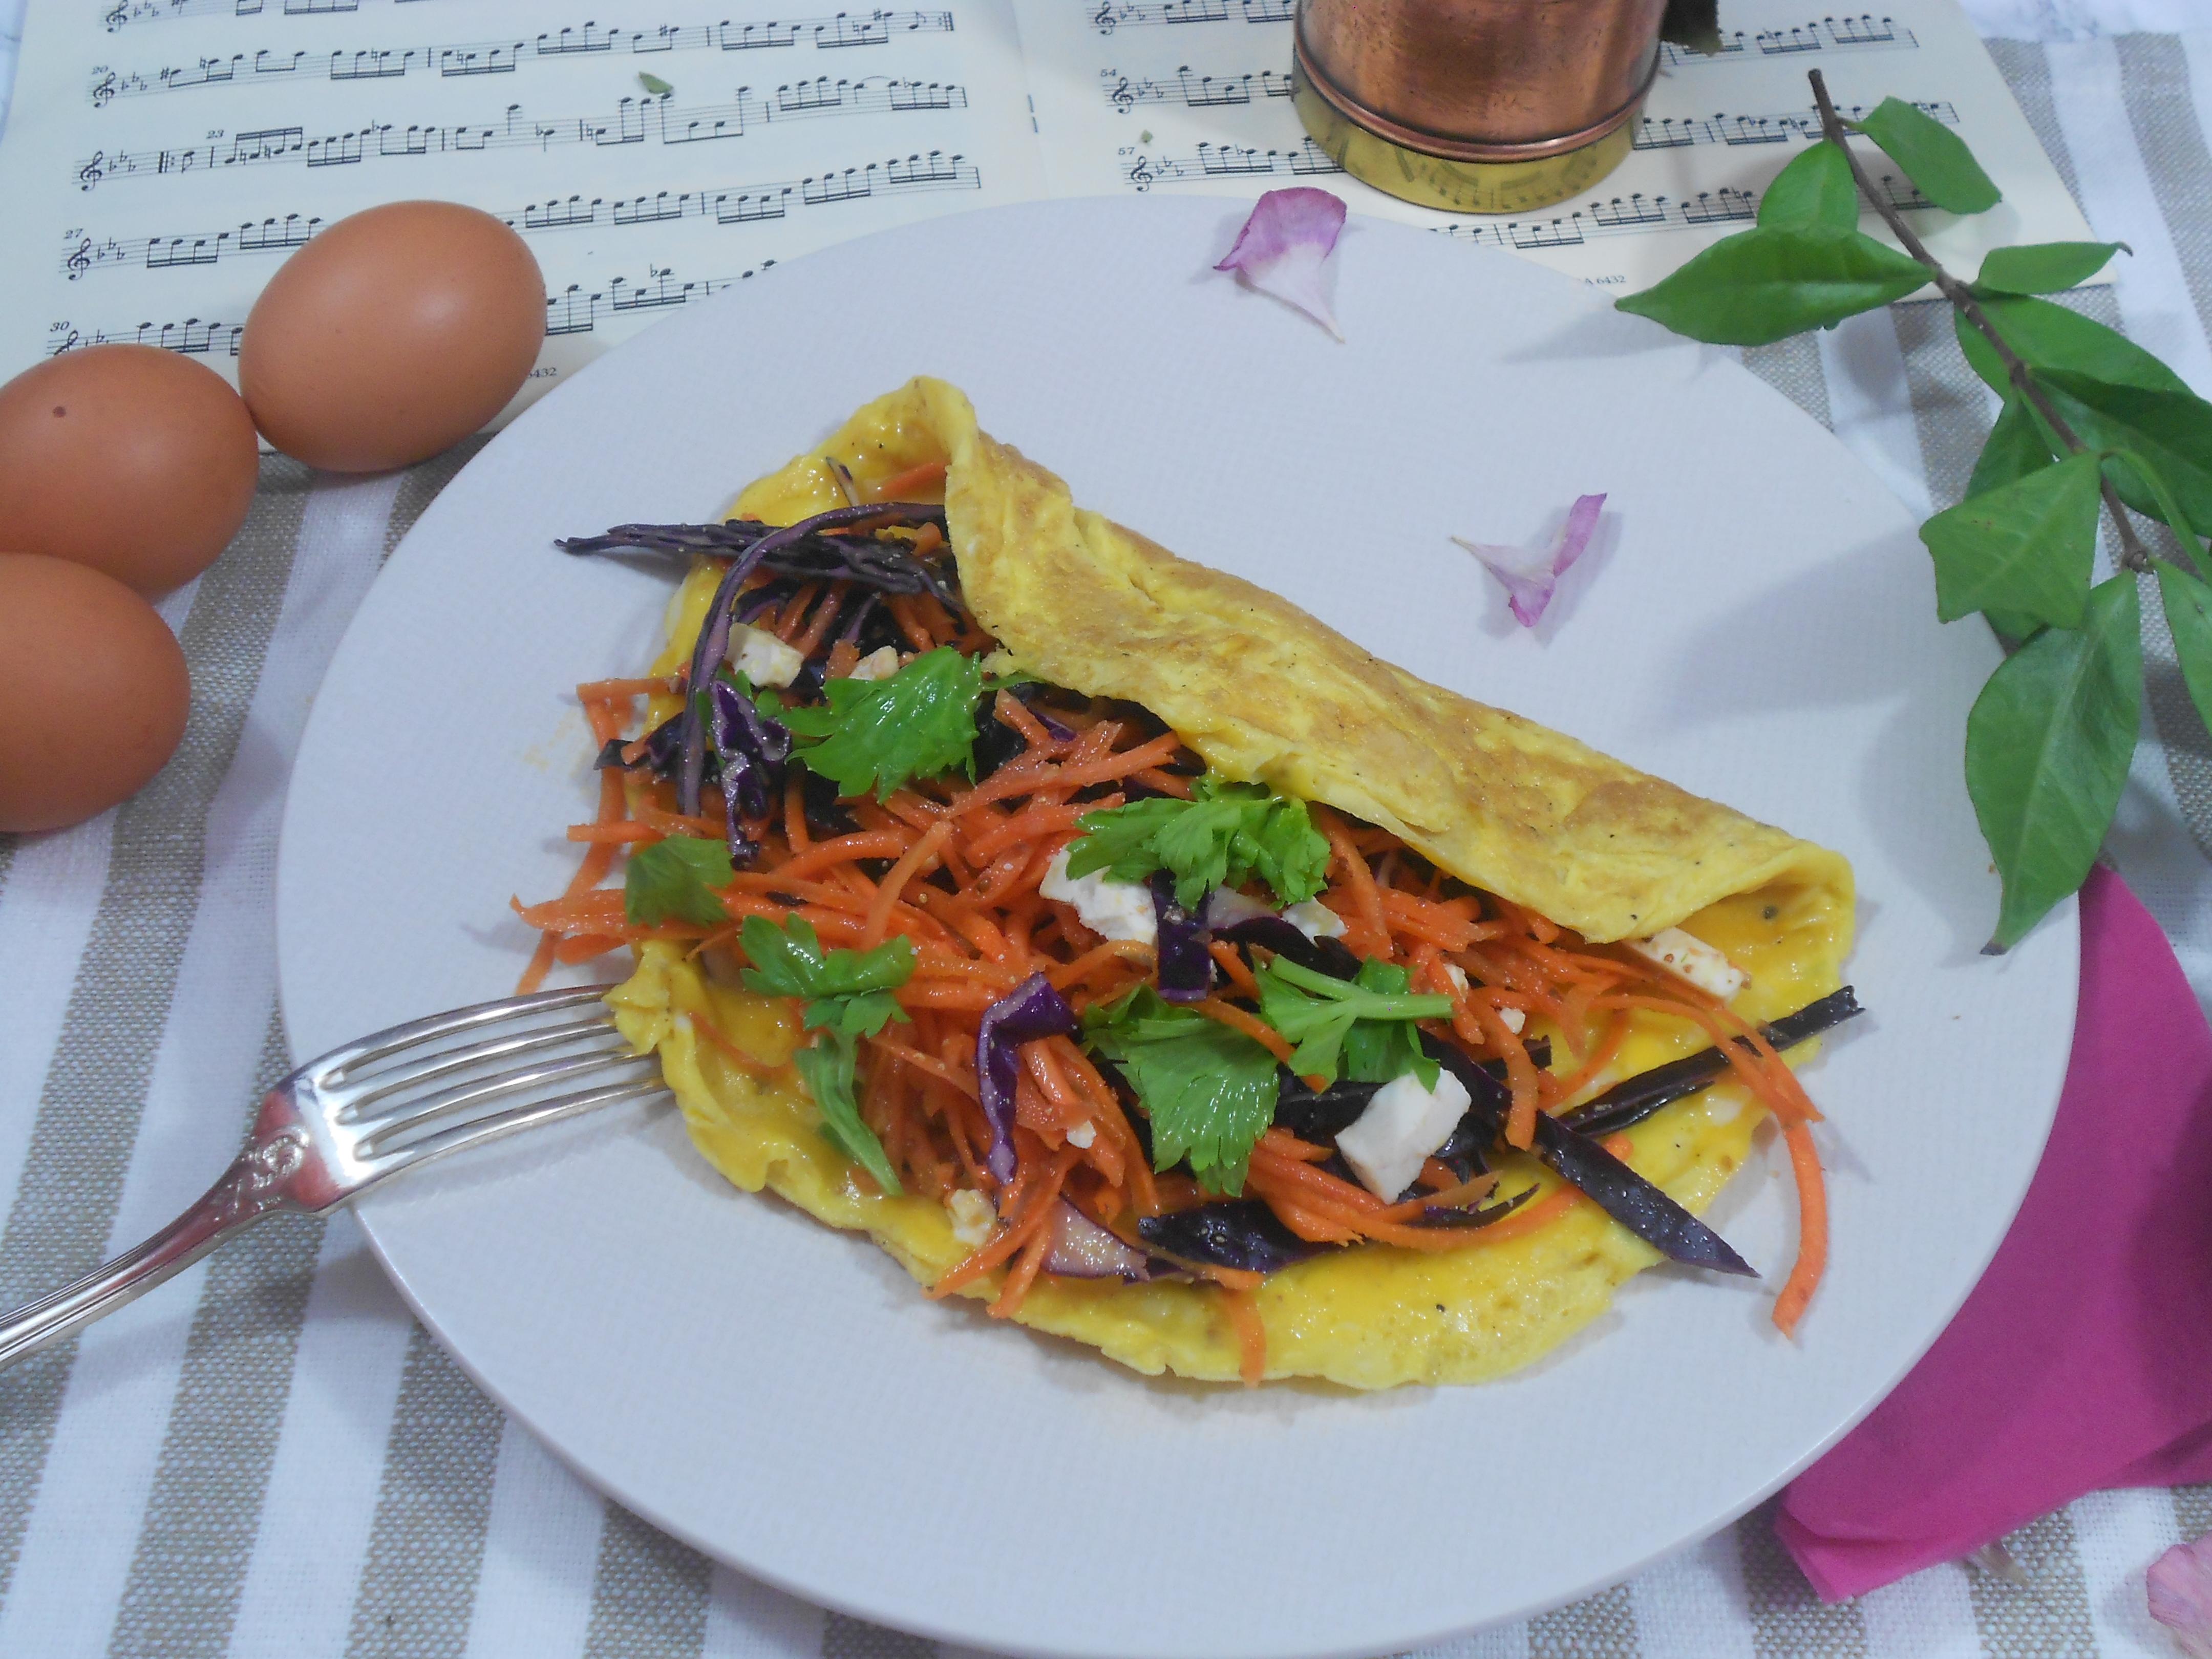 notre meilleure omelette aux légumes aliment riche en protéines